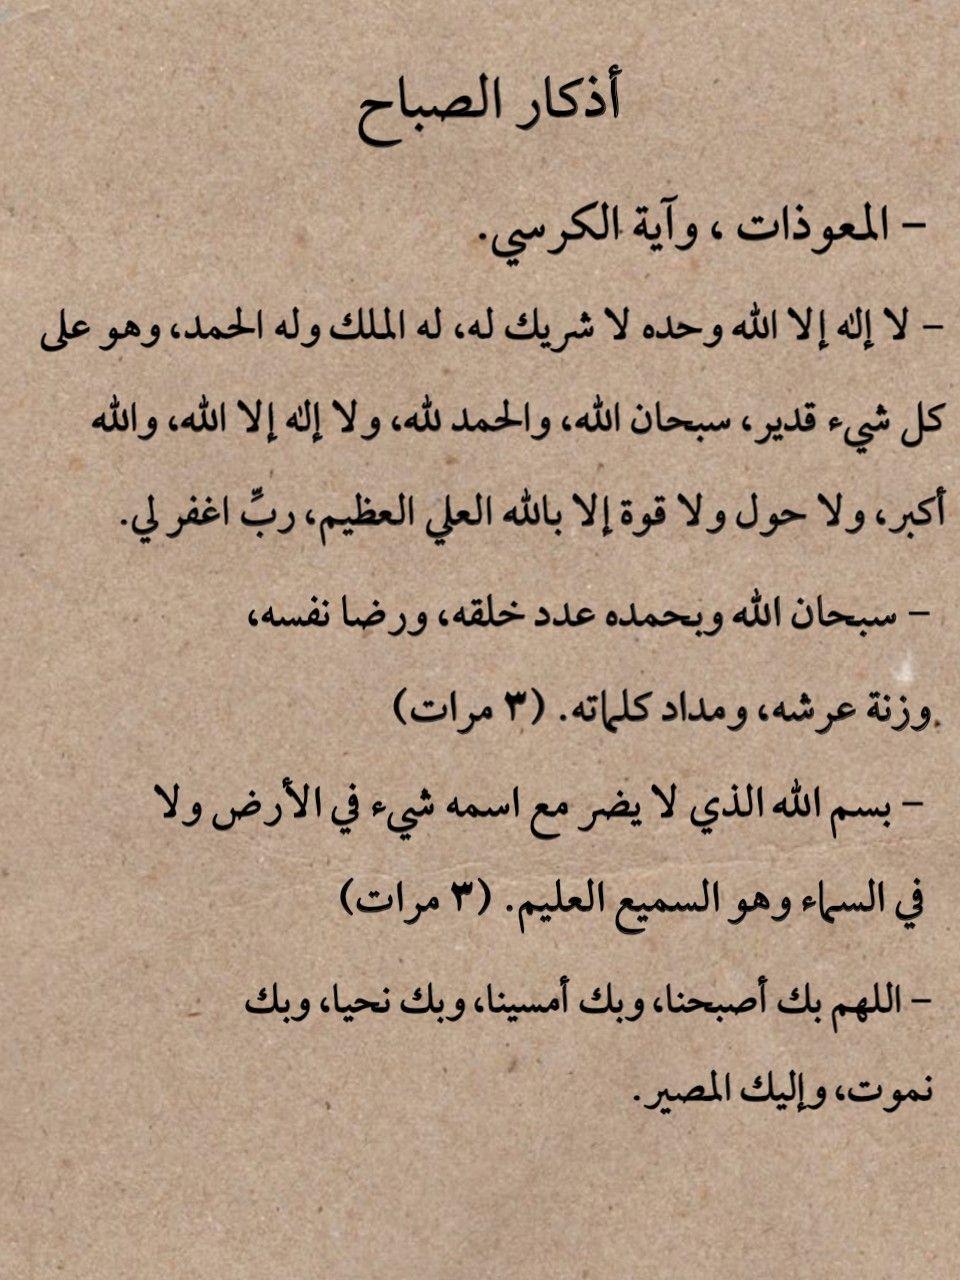 أذكار الصباح In 2021 Islamic Love Quotes Funny Arabic Quotes Islamic Quotes